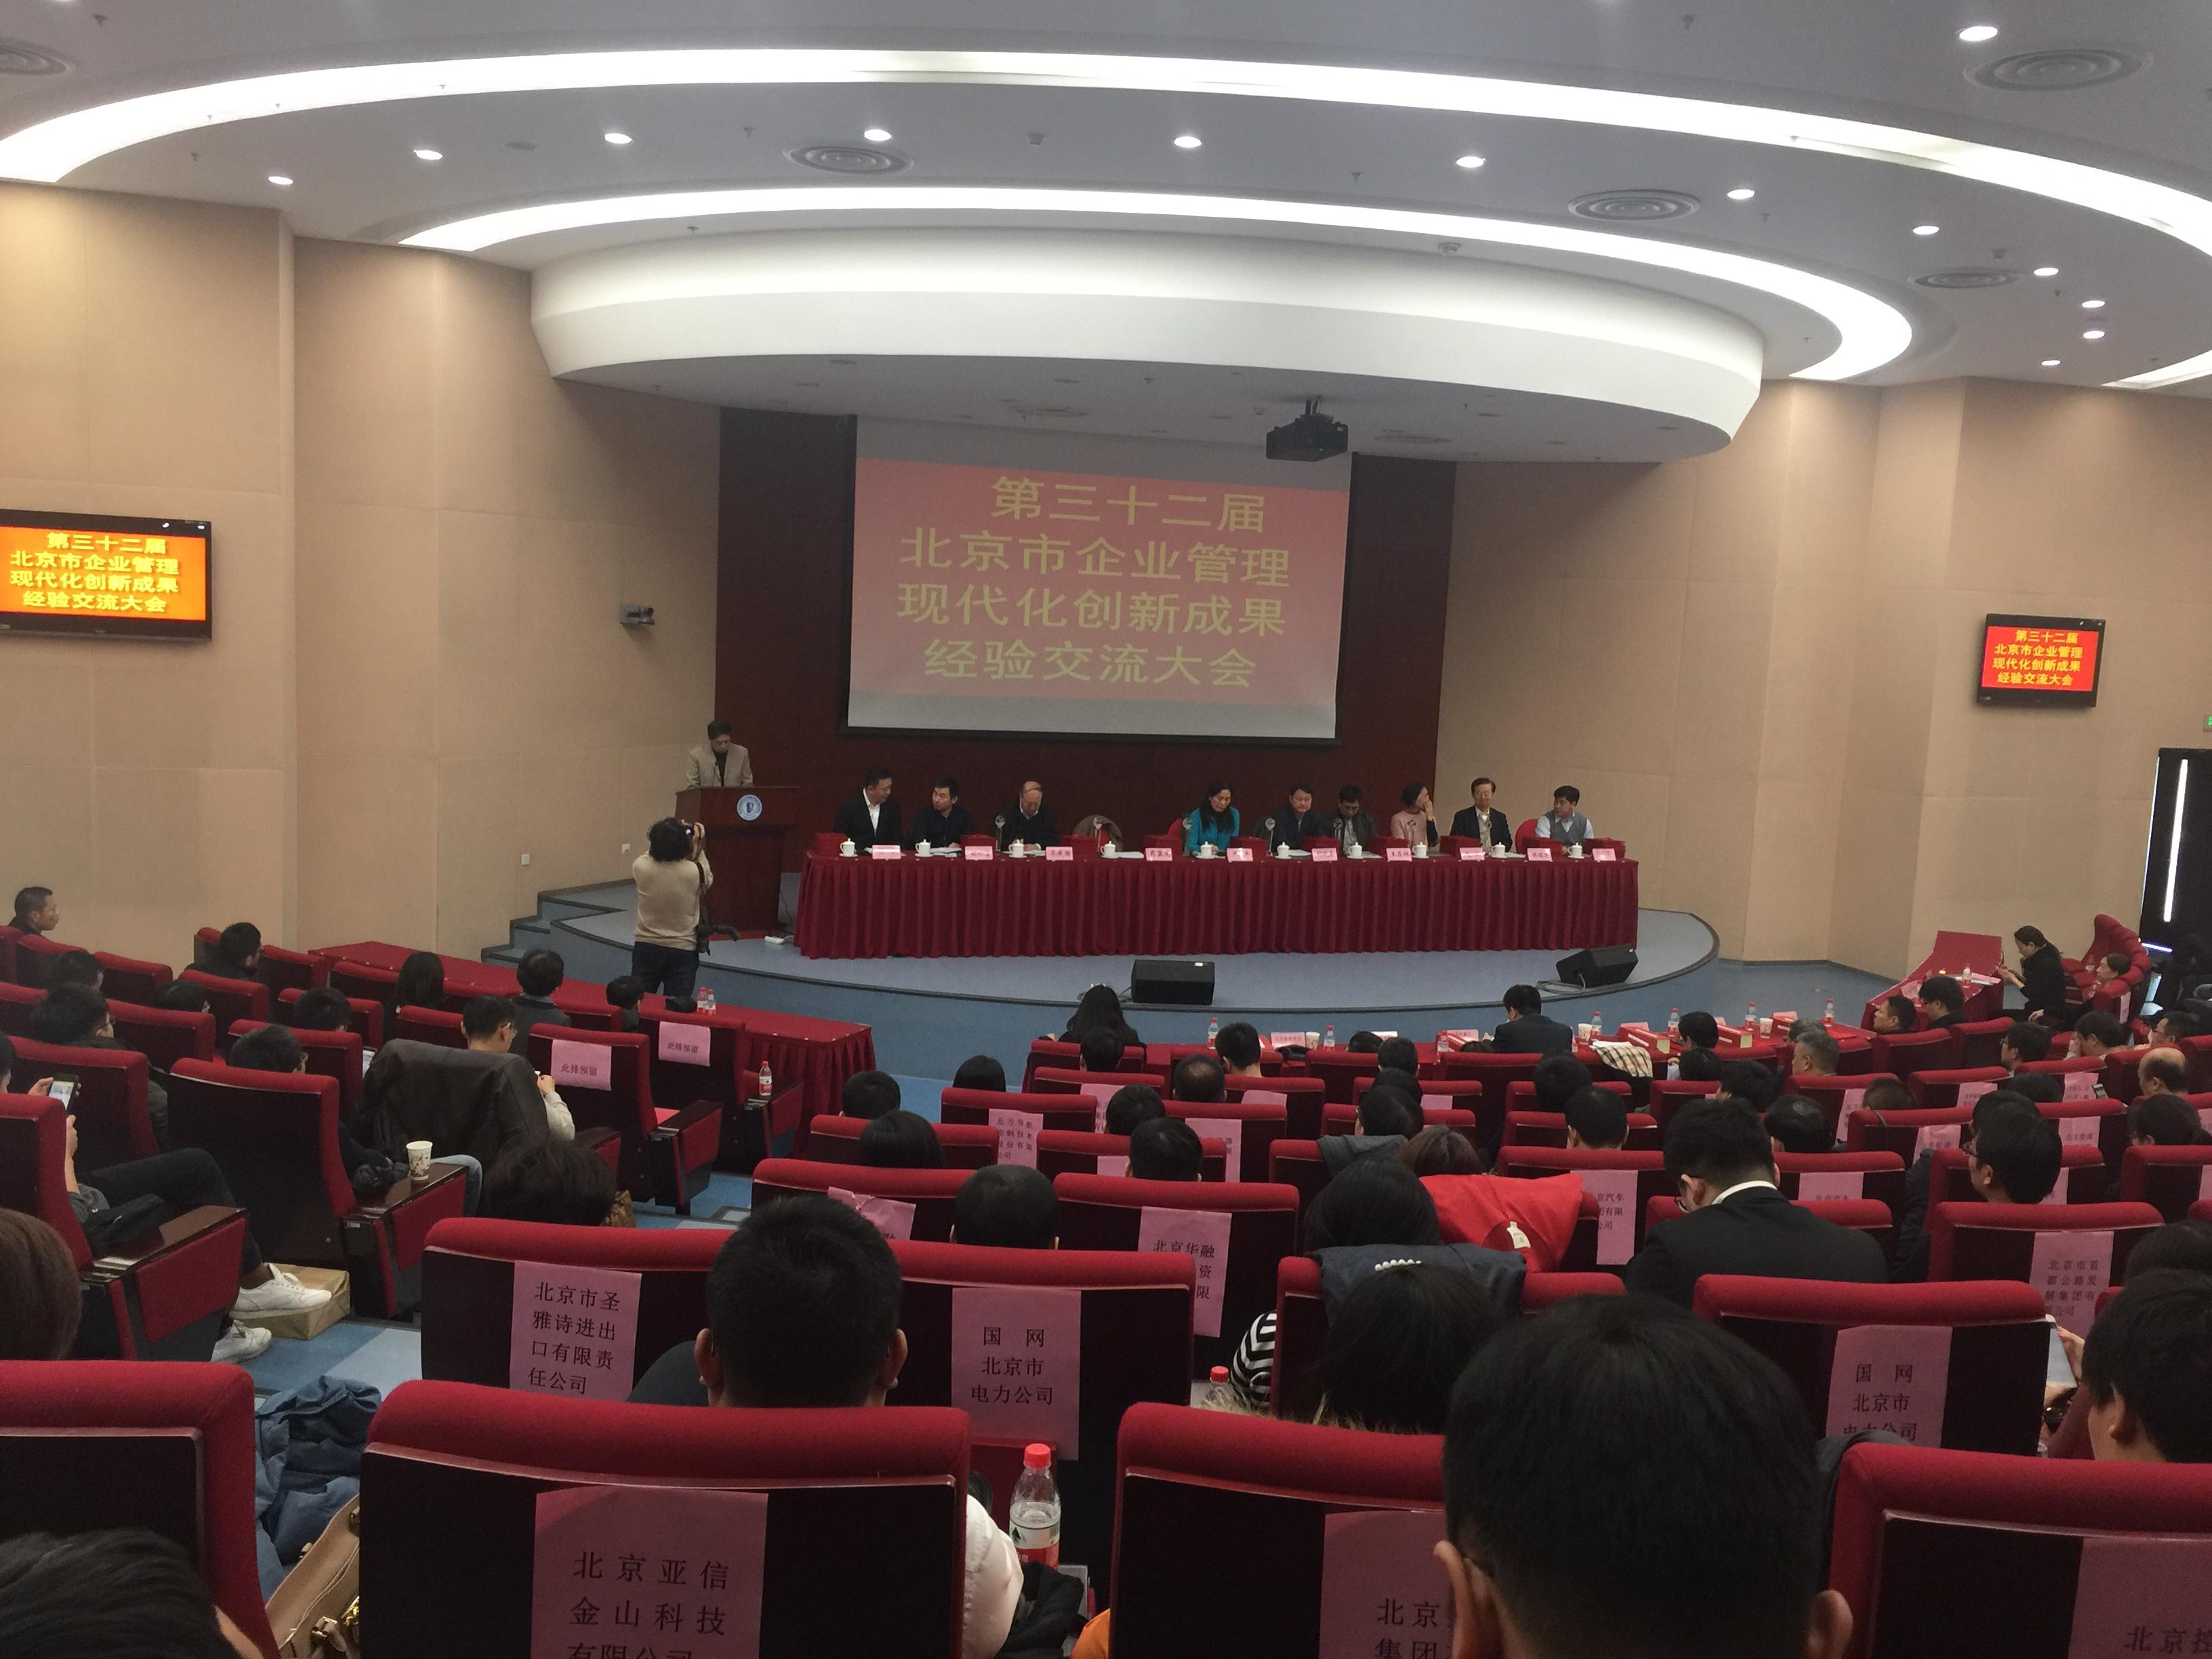 第三十二届北京市企业现代化管理创新成果交流大会胜利闭幕